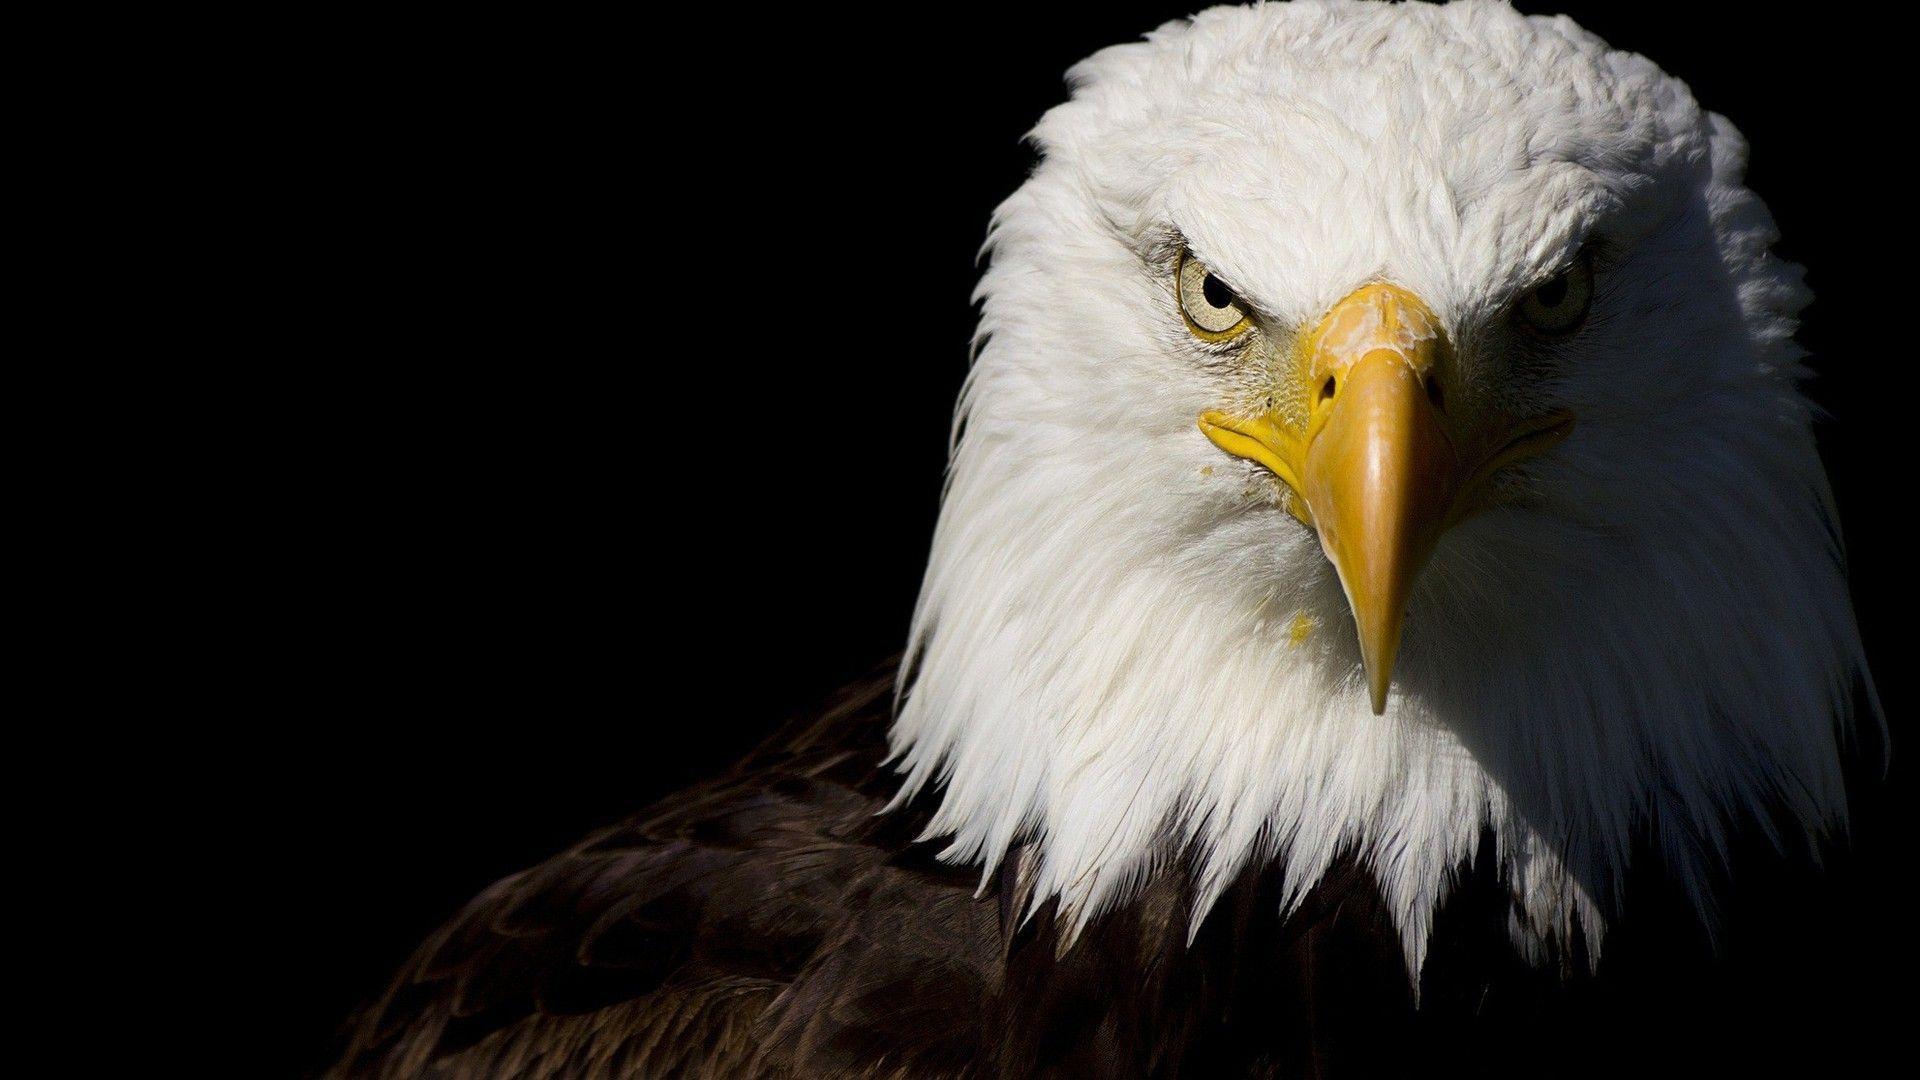 Bald Eagle wallpaper Eagle wallpaper, Eagle images, Bald